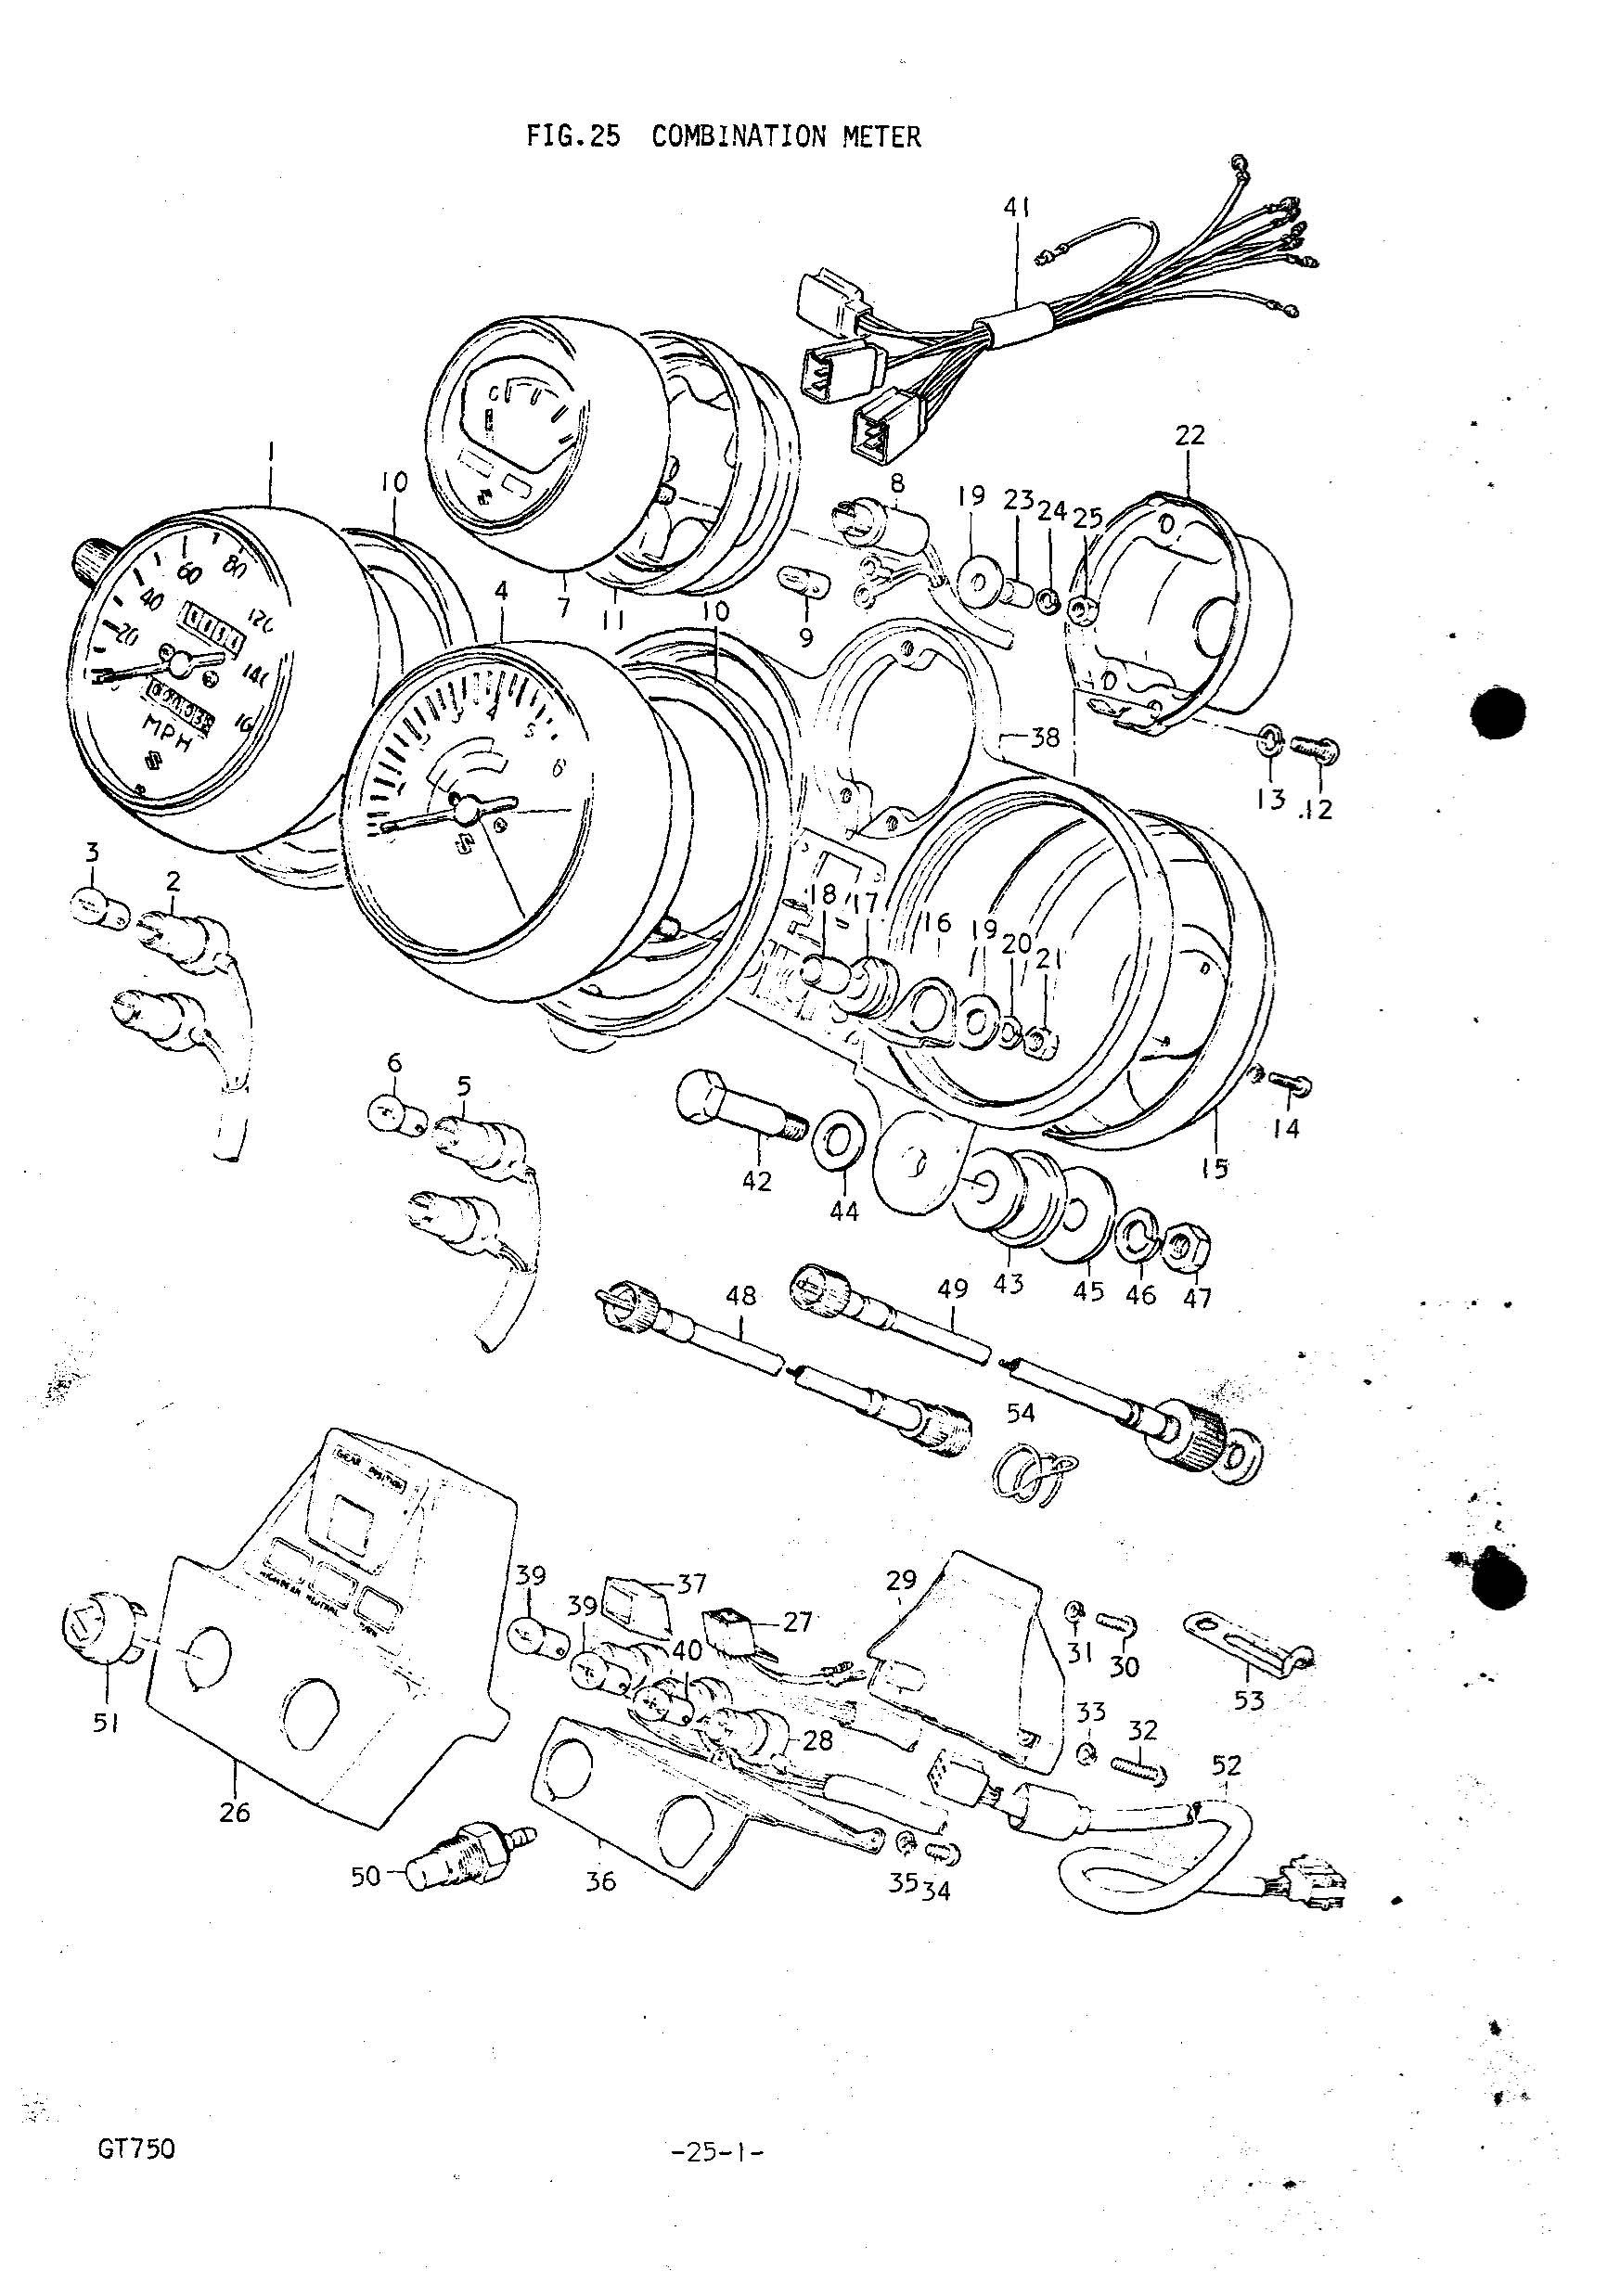 Genuine Suzuki GT750 L 1975 Combination Meter Washer 09160